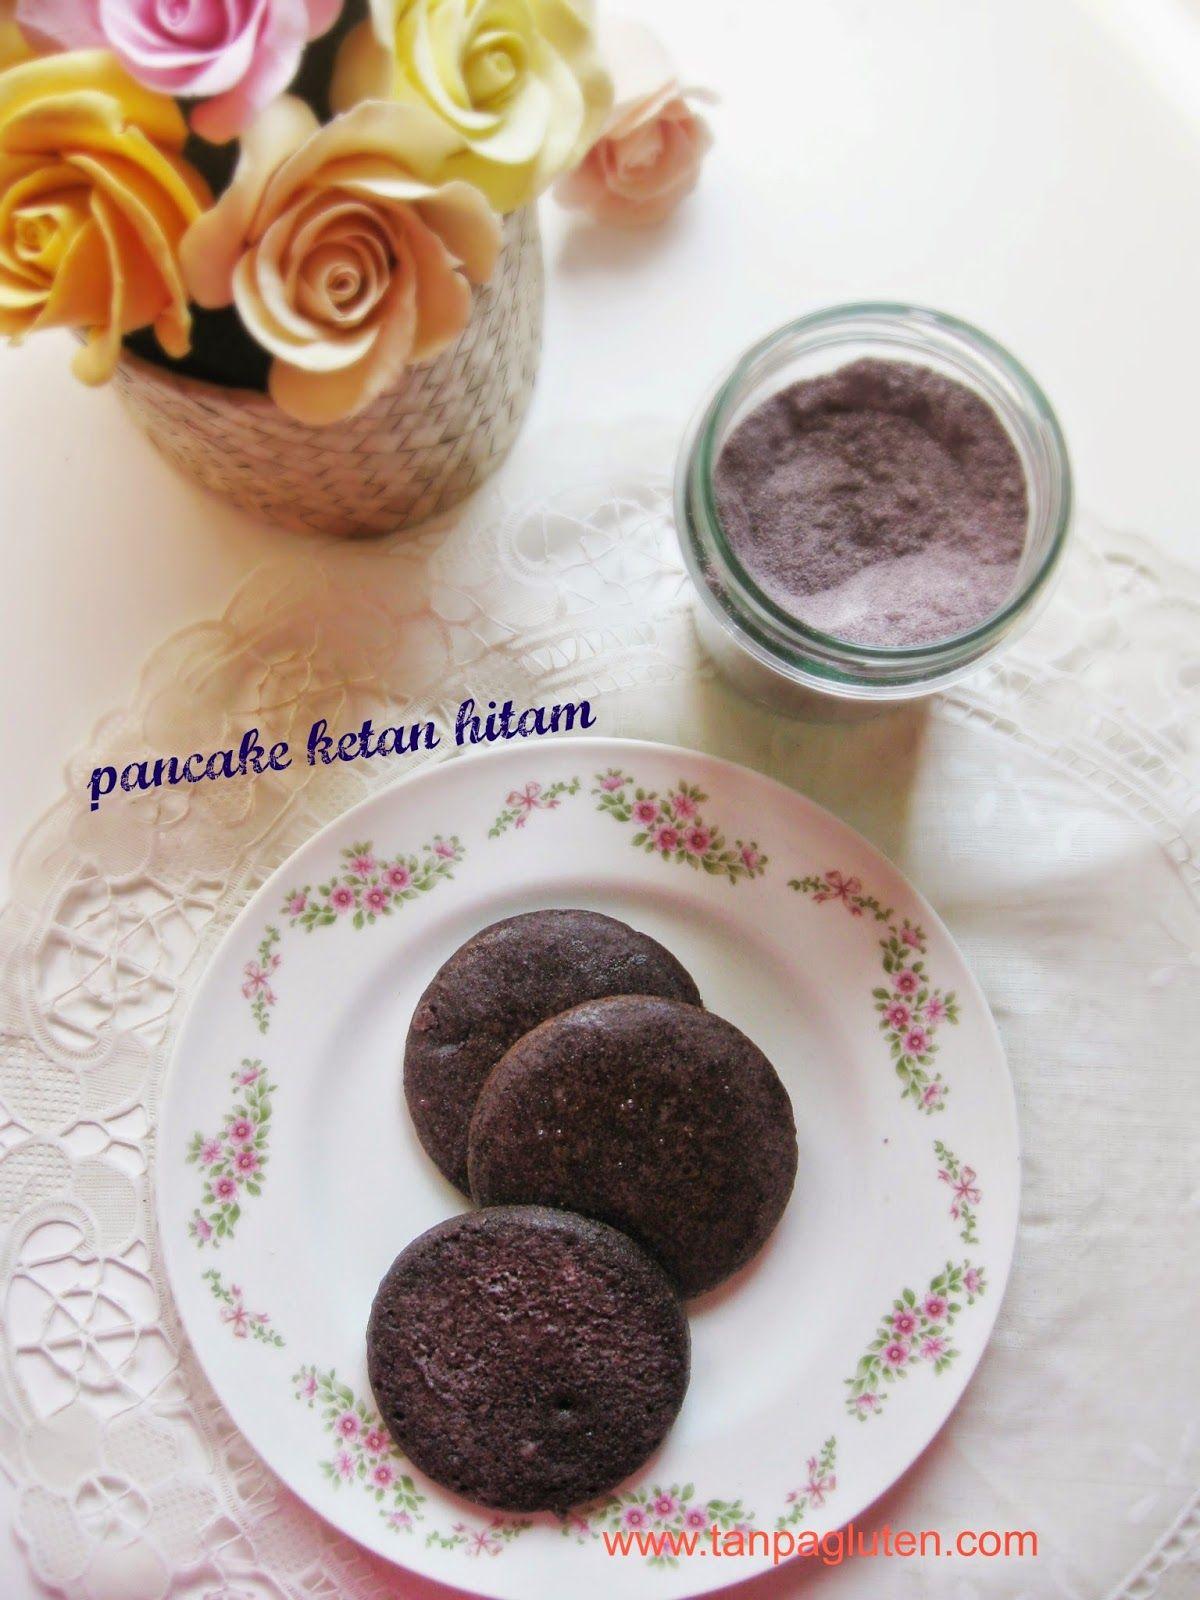 Resep Bebas Gluten Pancake Vegan Ketan Hitam Gluten Free Resep Bebas Gluten Kue Dadar Bebas Gluten